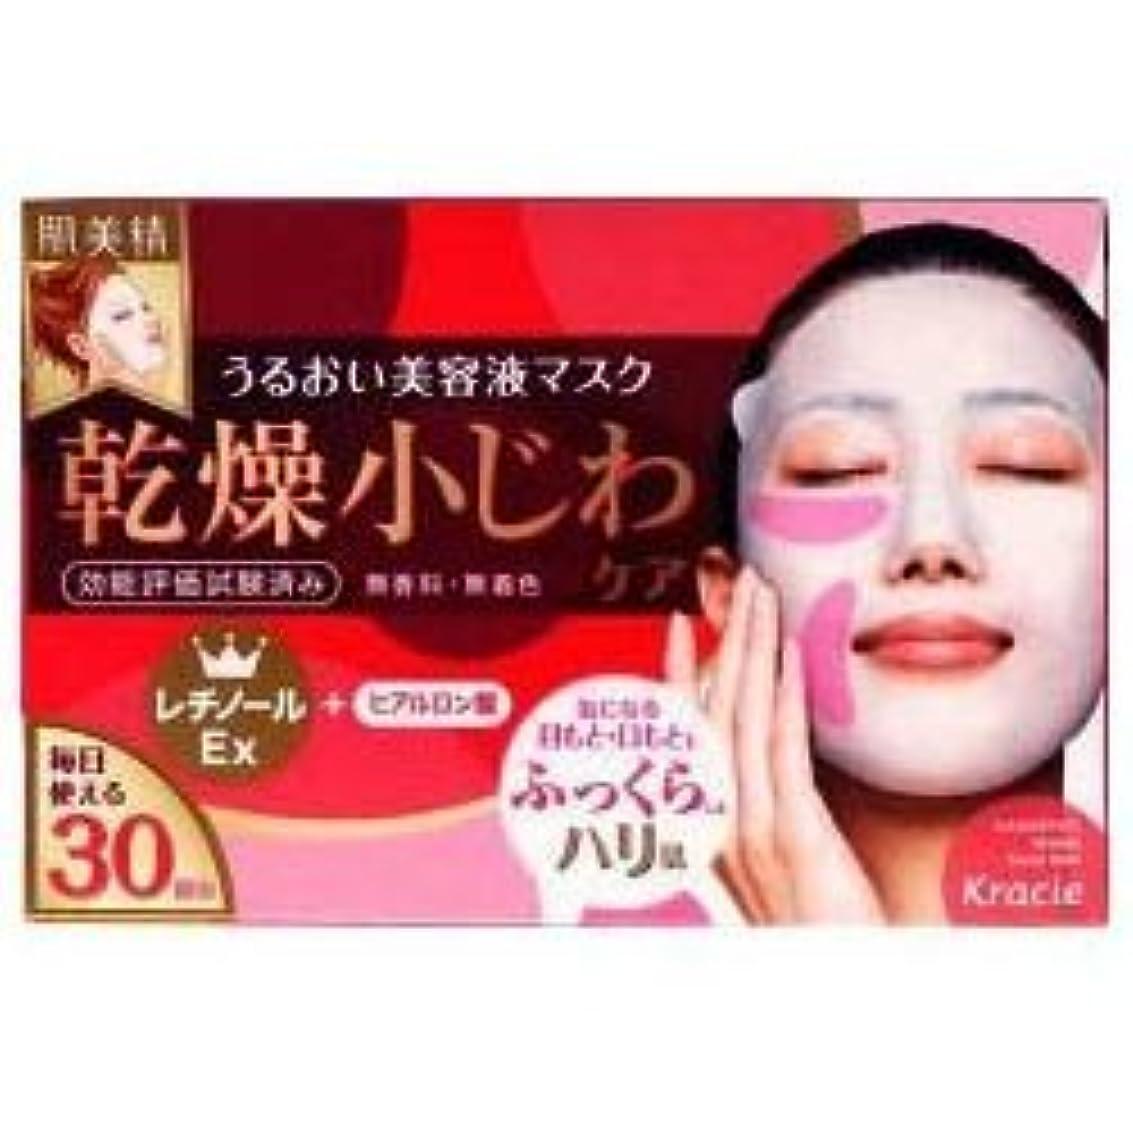 【クラシエ】肌美精 デイリーリンクルケア美容液マスク 30枚 ×5個セット